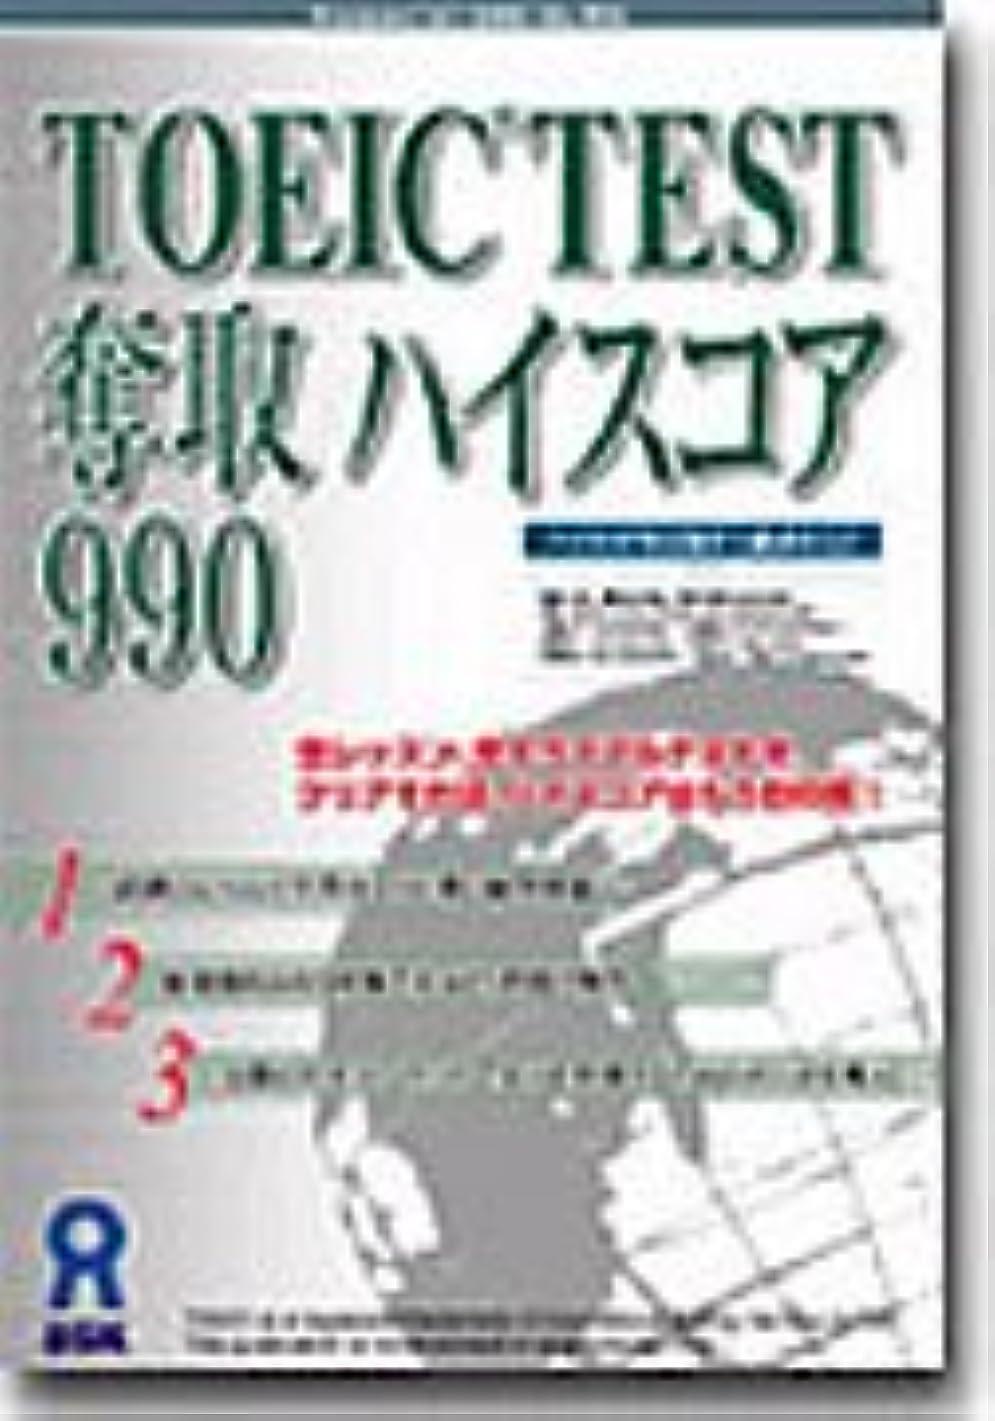 薬理学合わせて掃除TOEIC TEST 奪取 ハイスコア 990